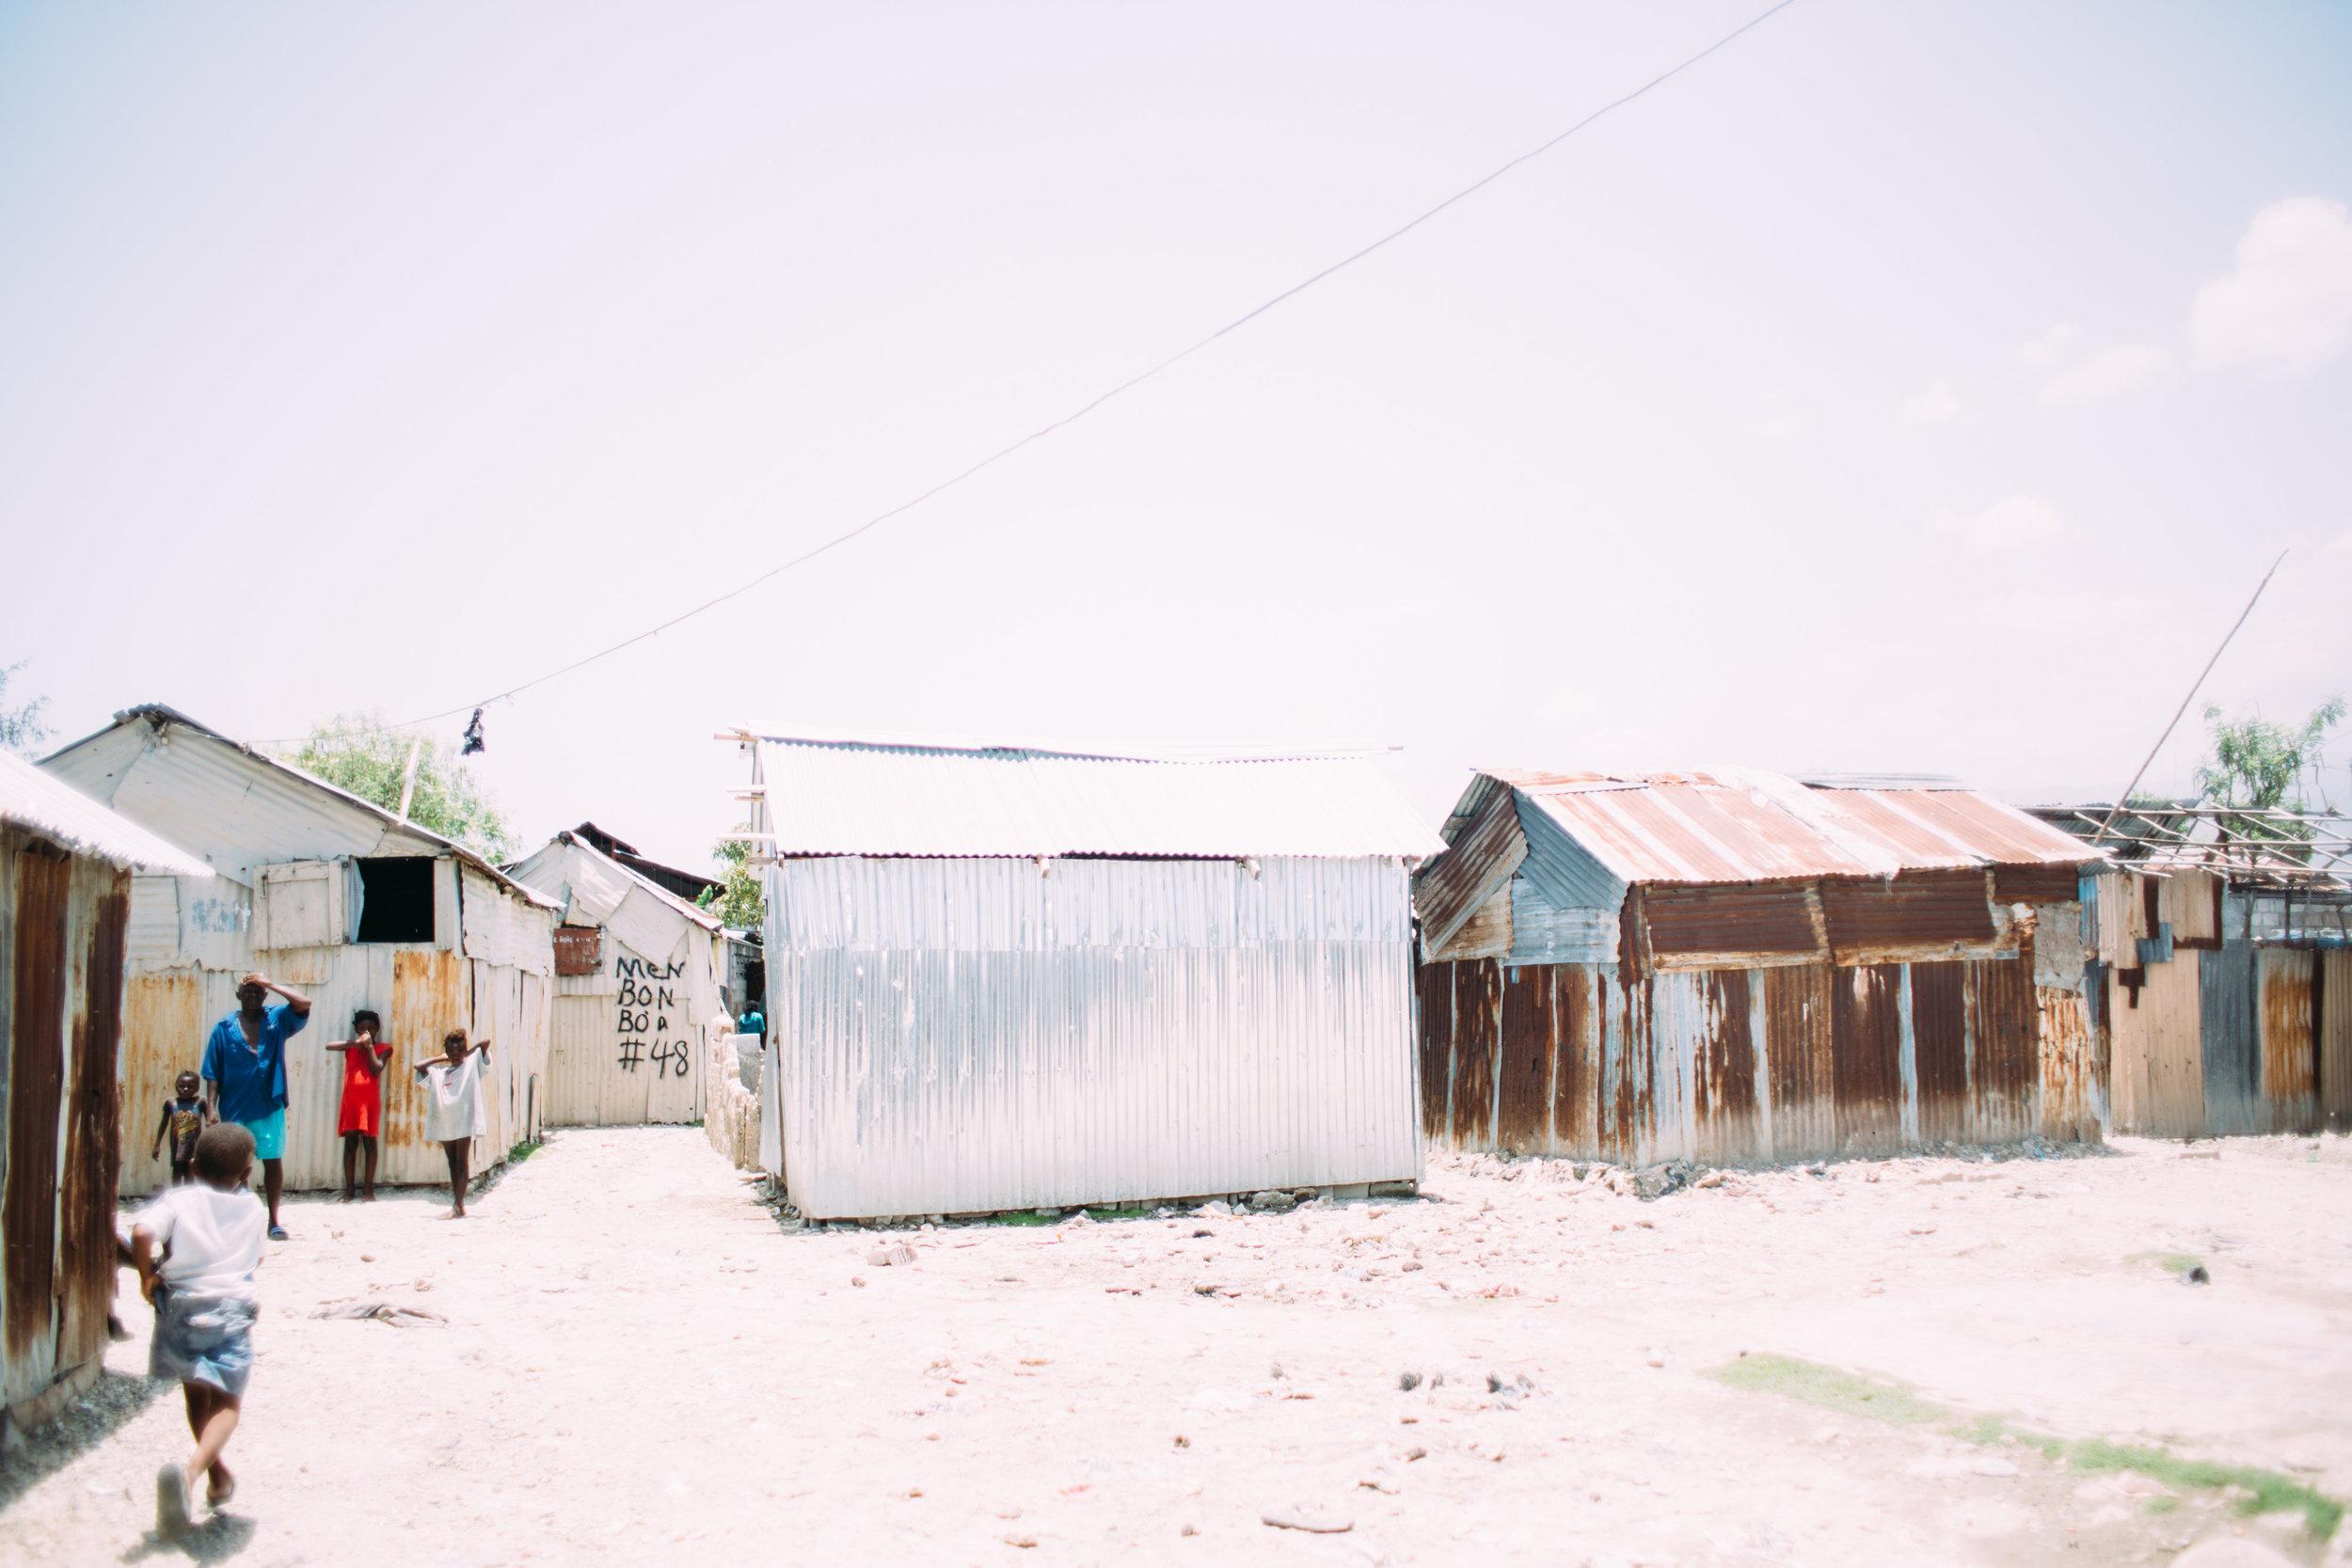 Haiti 2016-Cite Soliel 1-0279.jpg